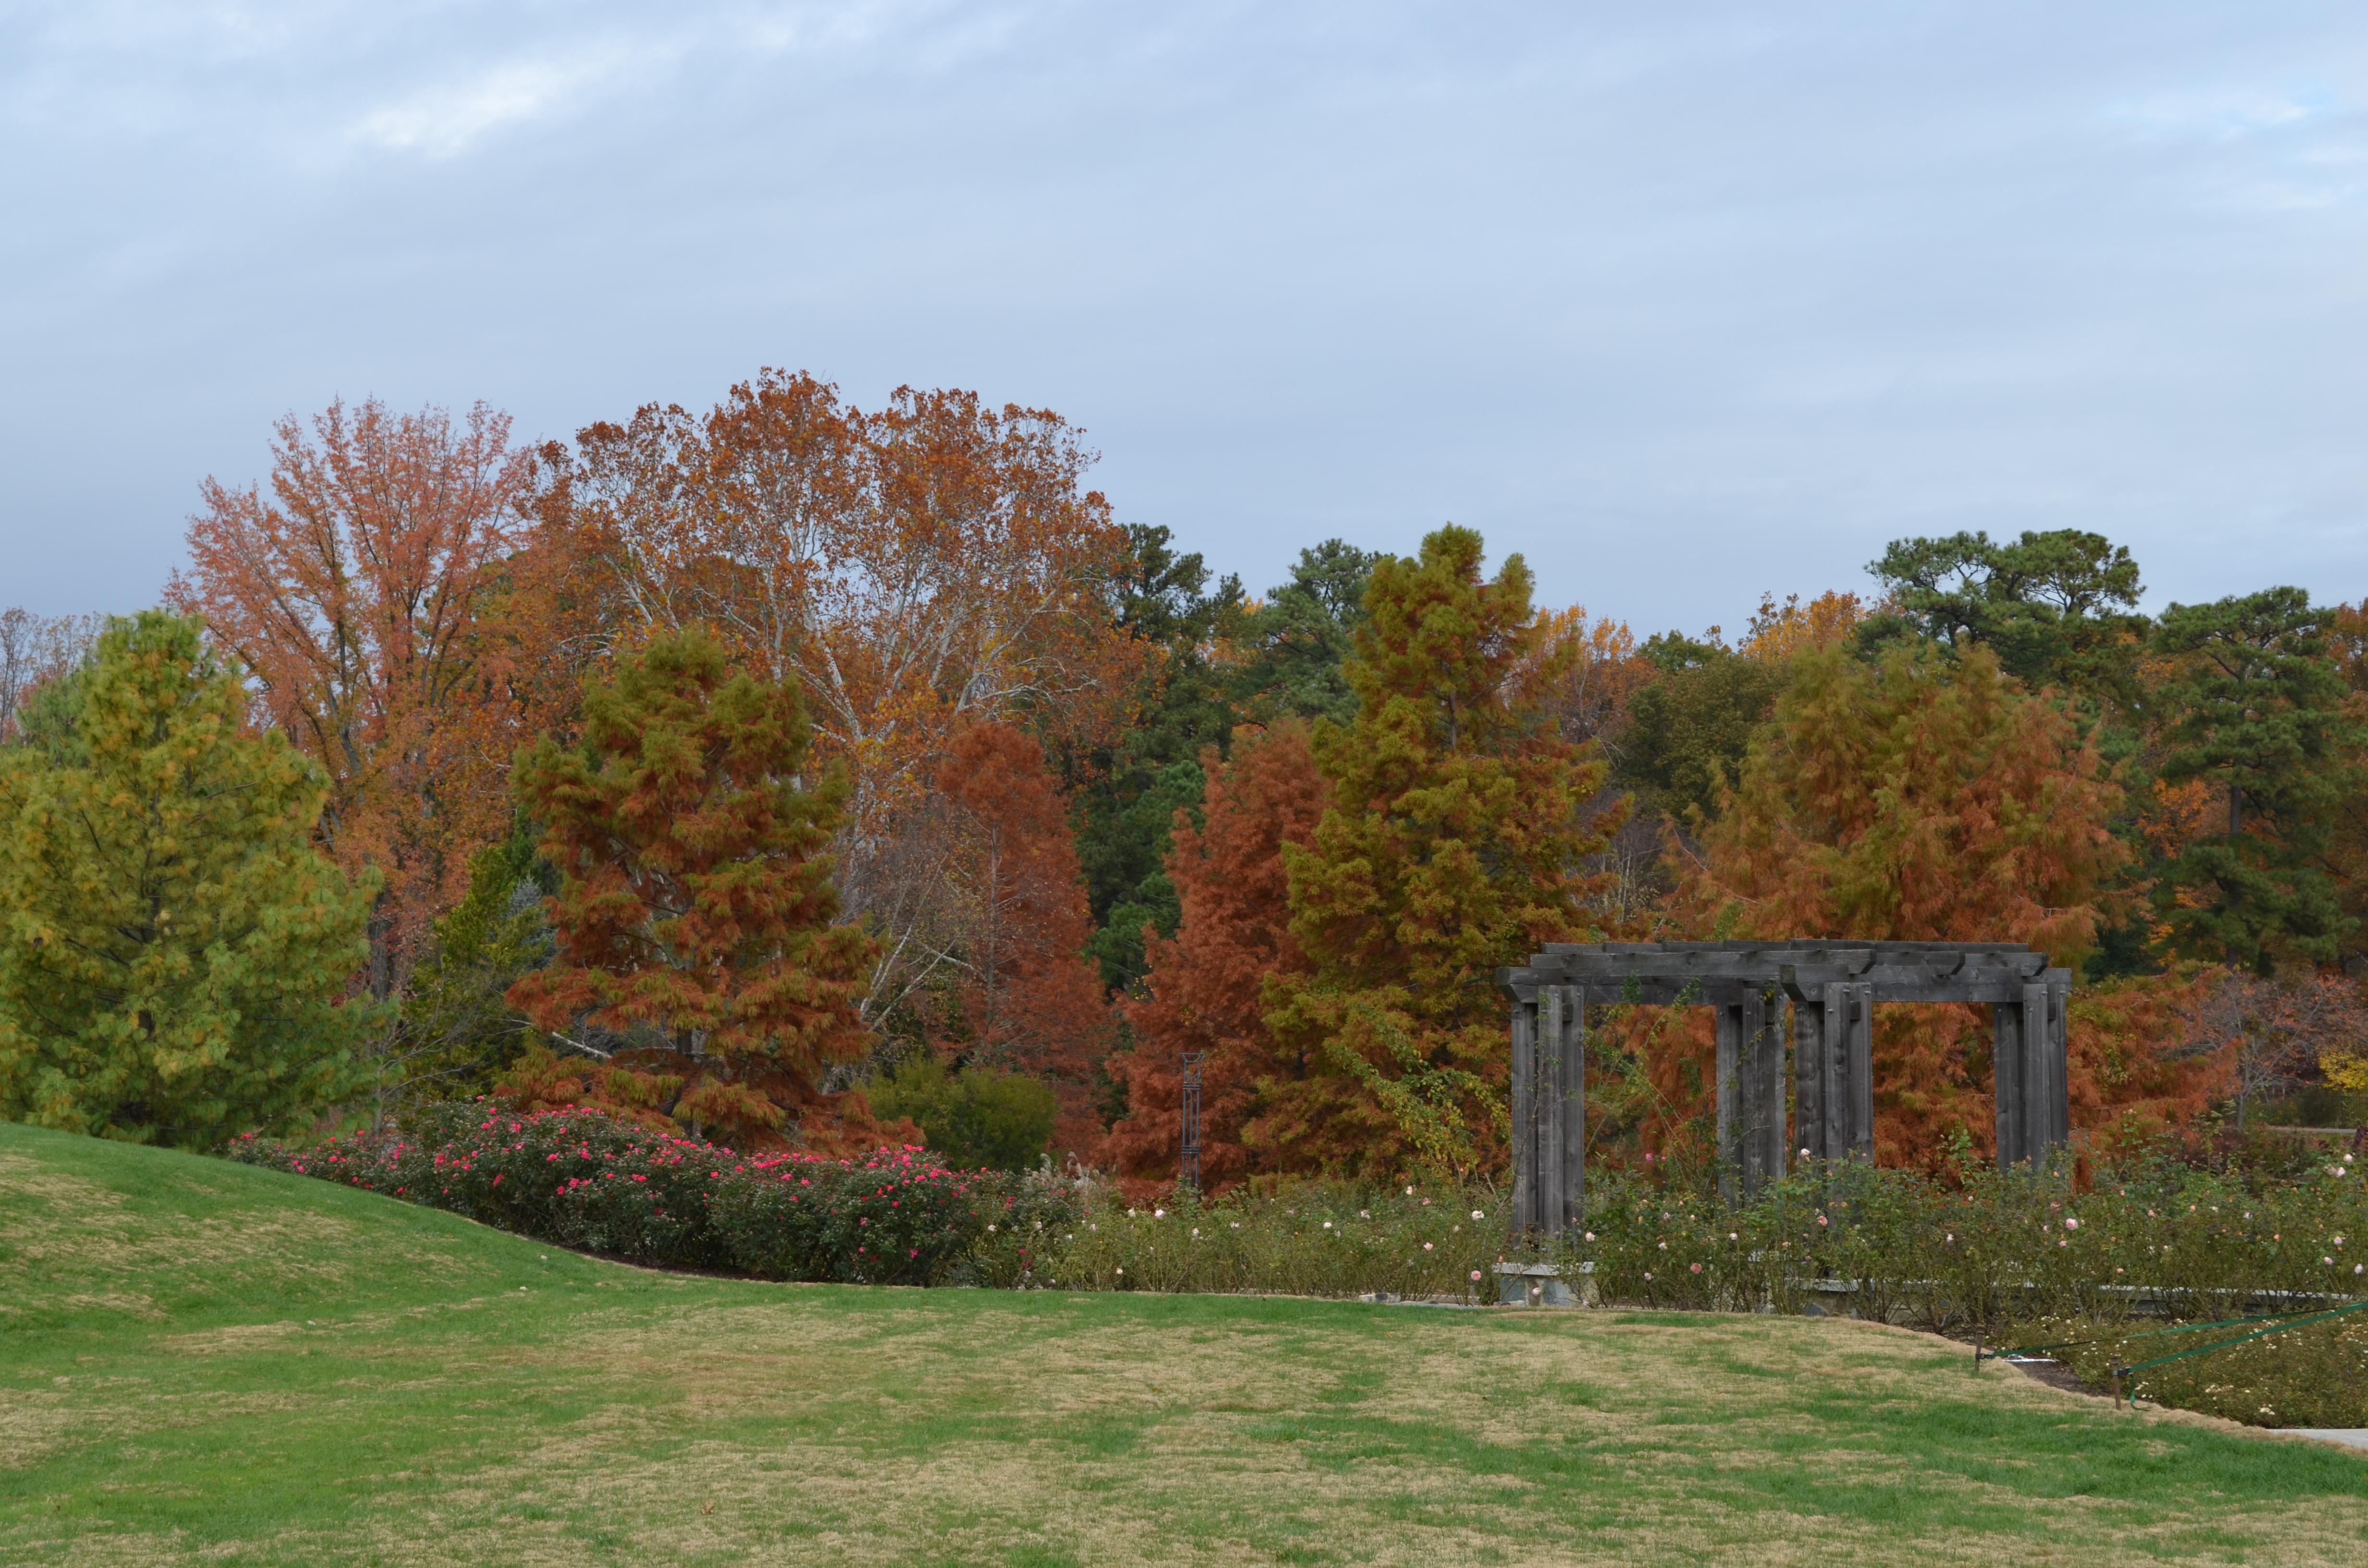 Rose Garden Lawn at Lewis Ginter Botanical Garden